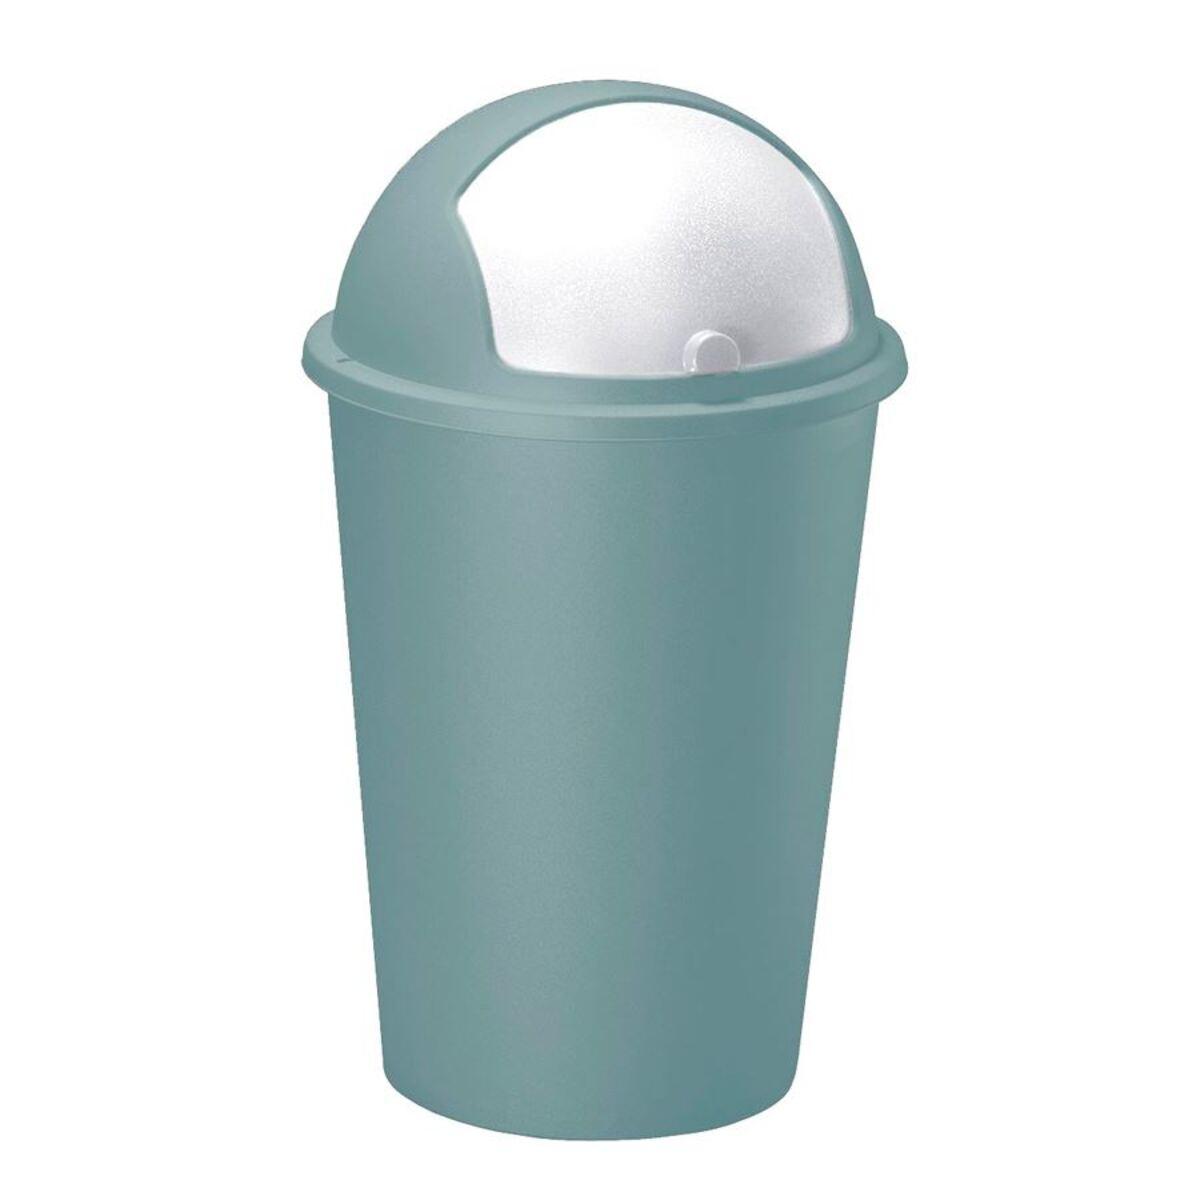 Bild 3 von Push Bin Abfalleimer 50 Liter